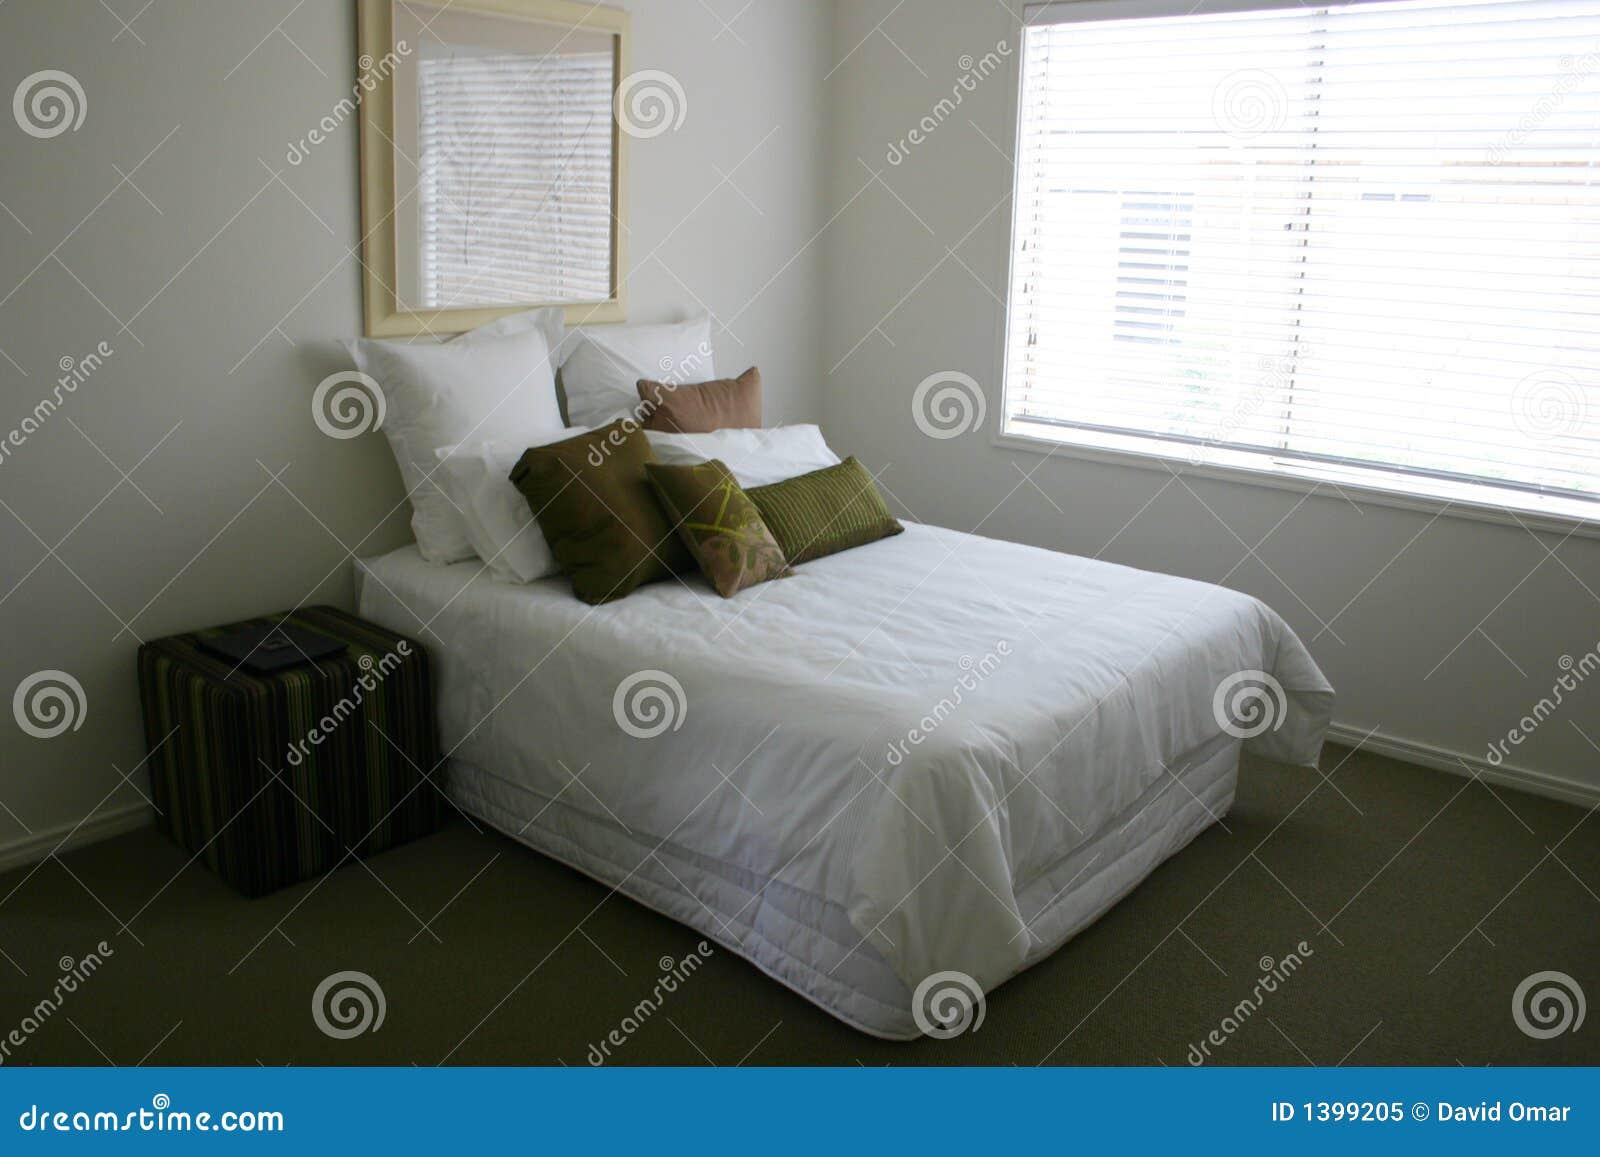 Kleuren slaapkamer ontwerp - Ontwerp van slaapkamers ...